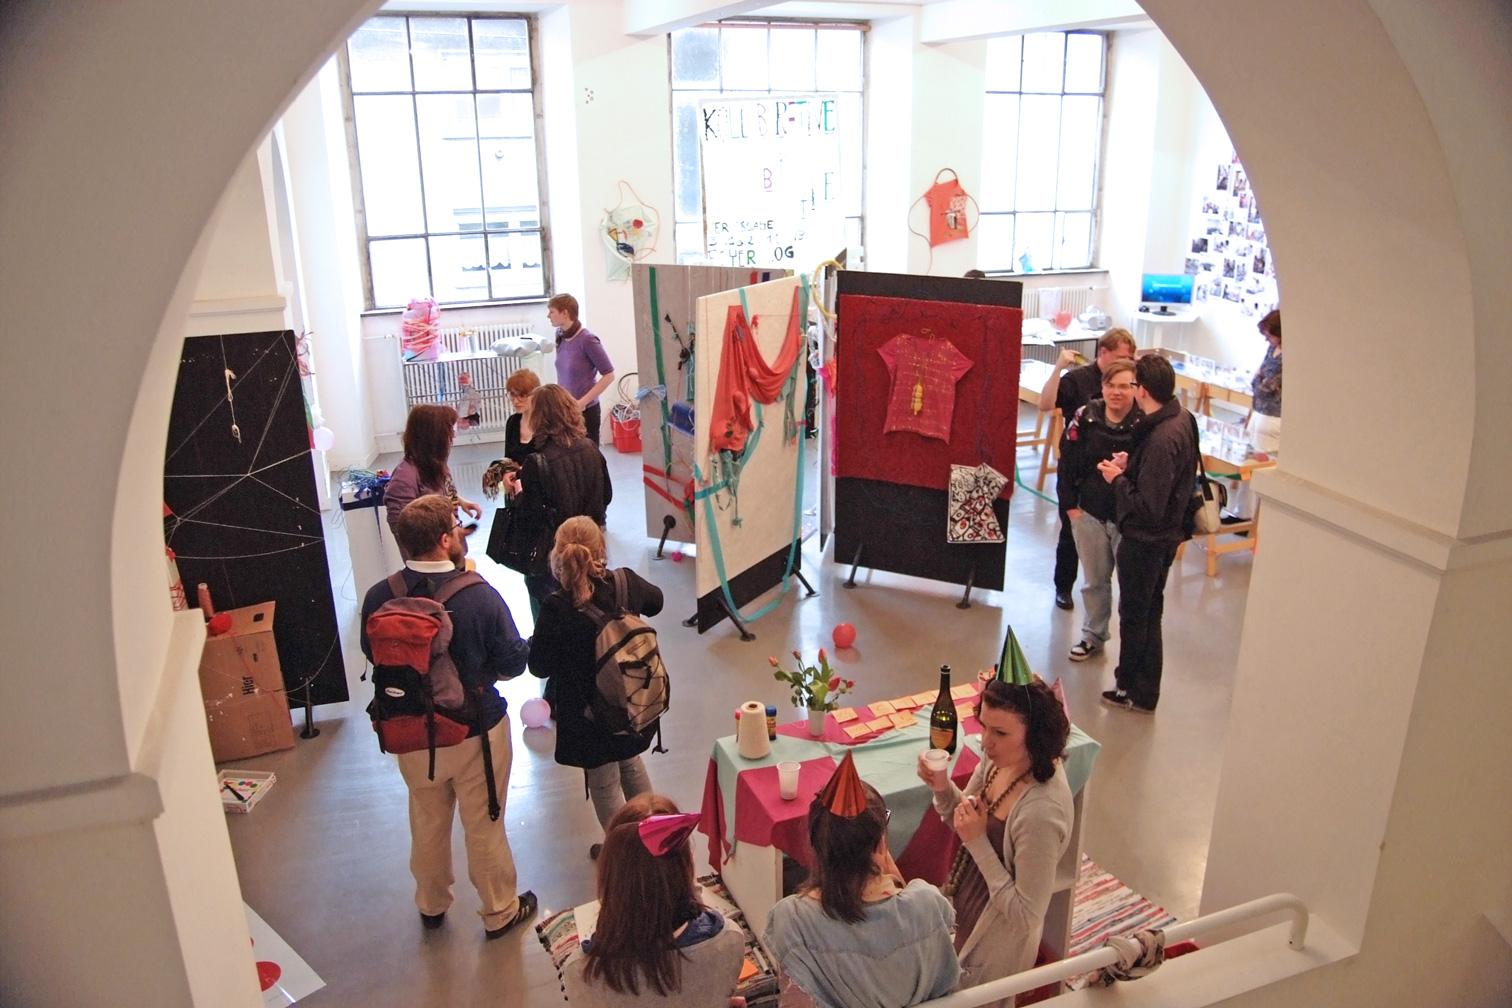 gerrit_schweiger-Rummel-2030-Zukunft-Kinder-Kreativität-Mode-Workshop-Modenschau-Ausstellung-03